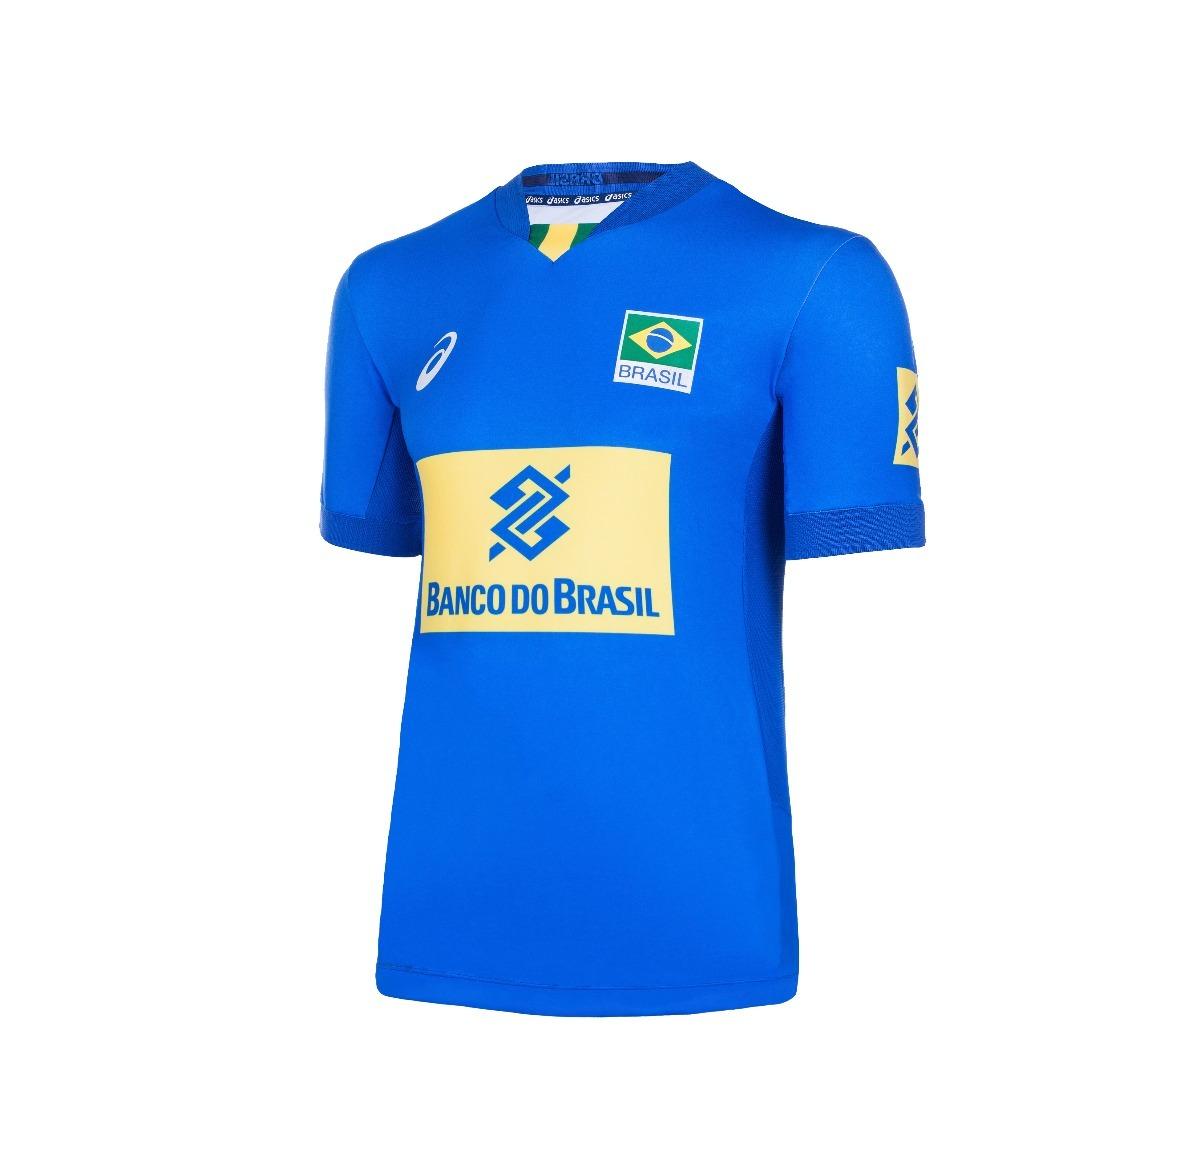 60280aeb33 Camisa Seleção Brasileira Volei Asics Azul - Original - R  169